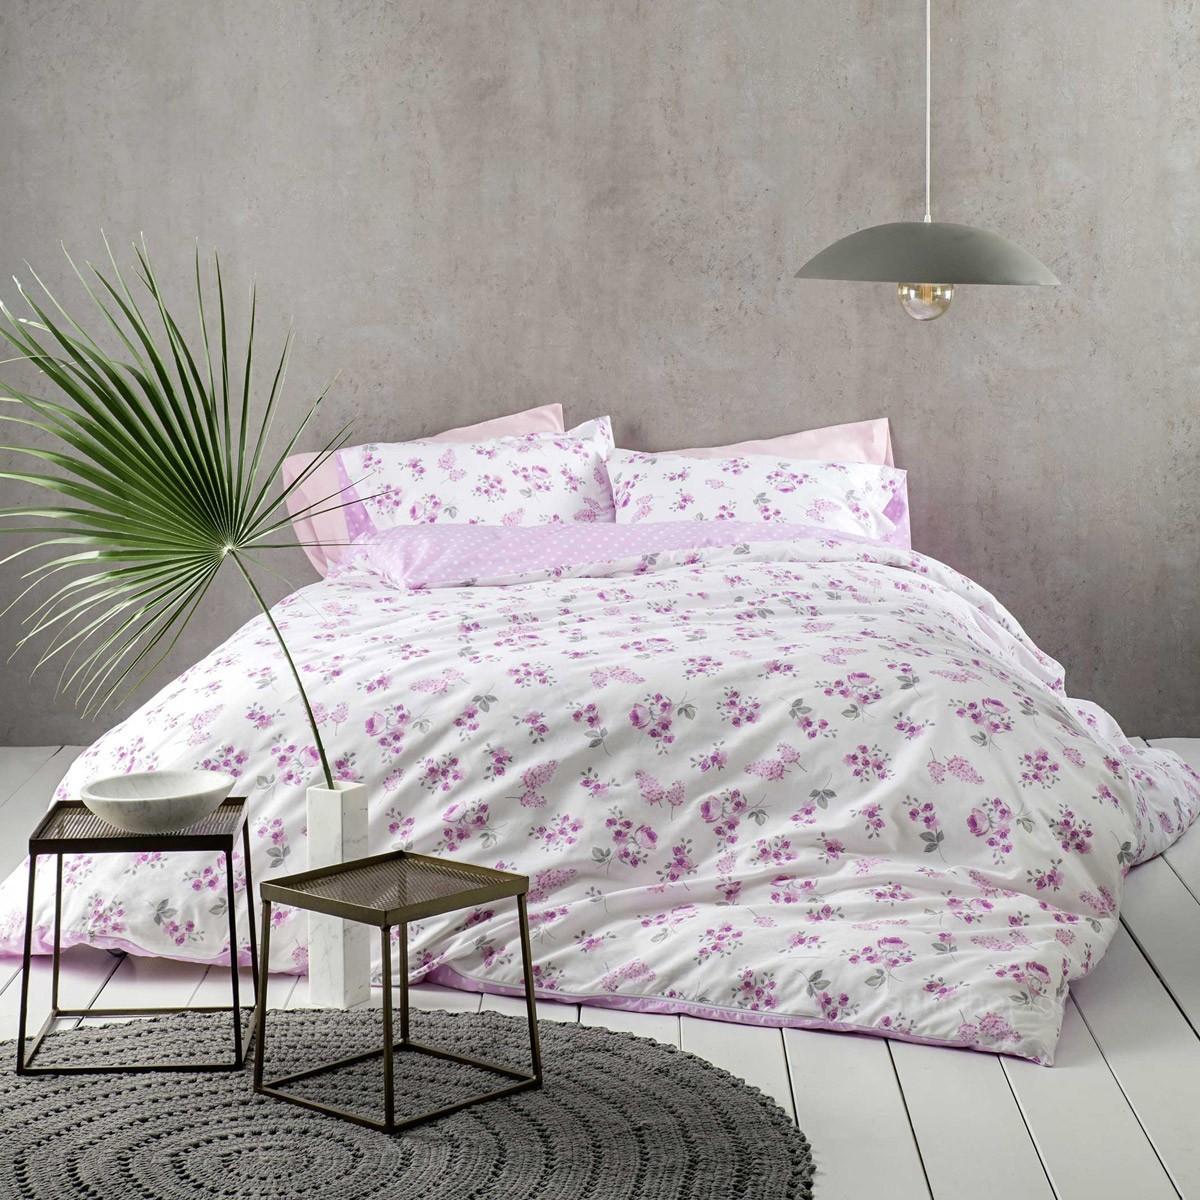 Σεντόνια Υπέρδιπλα (Σετ) Nima Bed Linen Alyssa Pink ΧΩΡΙΣ ΛΑΣΤΙΧΟ 240×260 ΧΩΡΙΣ ΛΑΣΤΙΧΟ 240×260